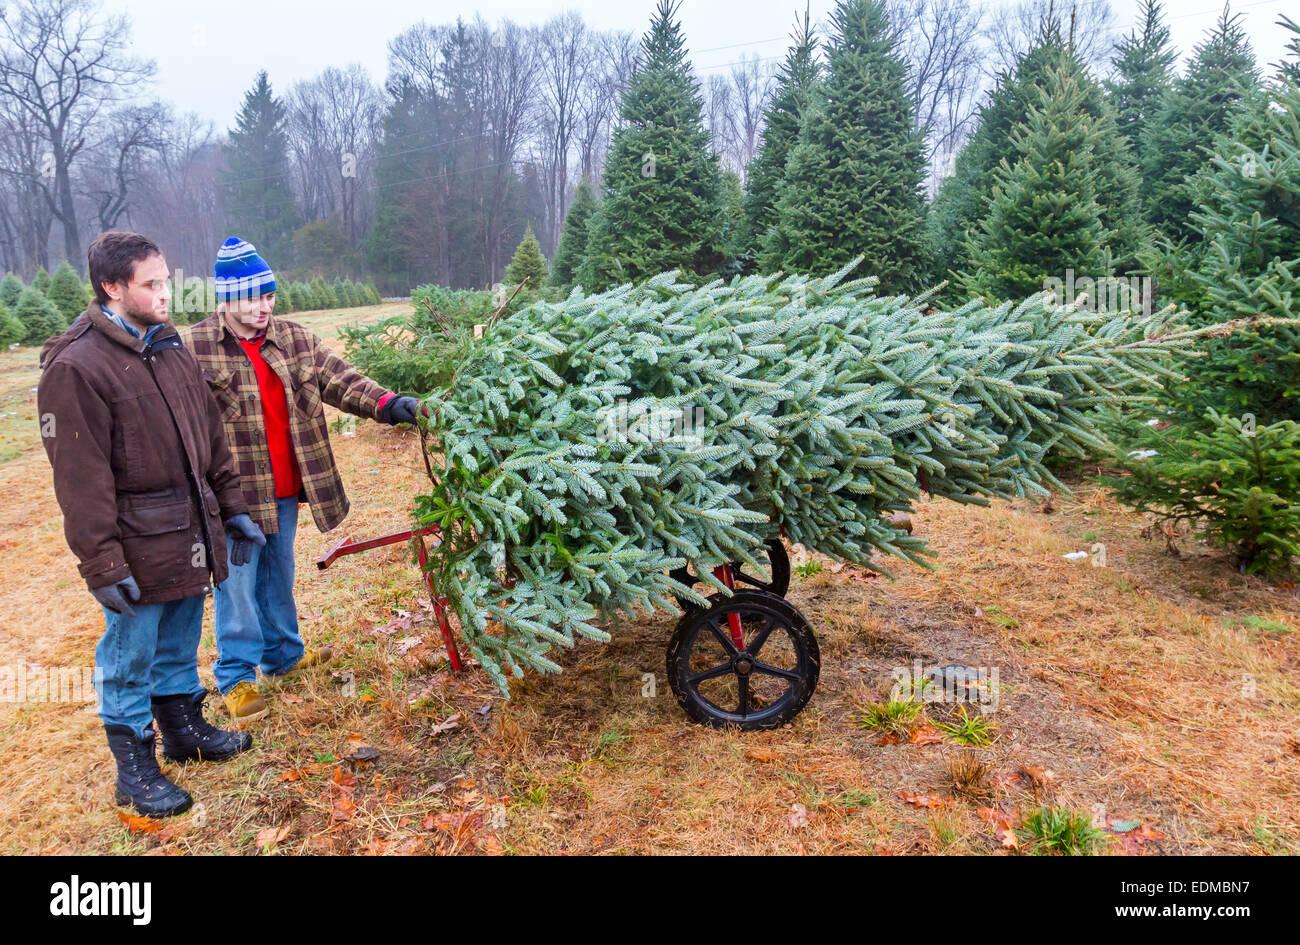 Dos hombres jóvenes talar un árbol de Navidad en una granja de árboles de Navidad. Foto de stock